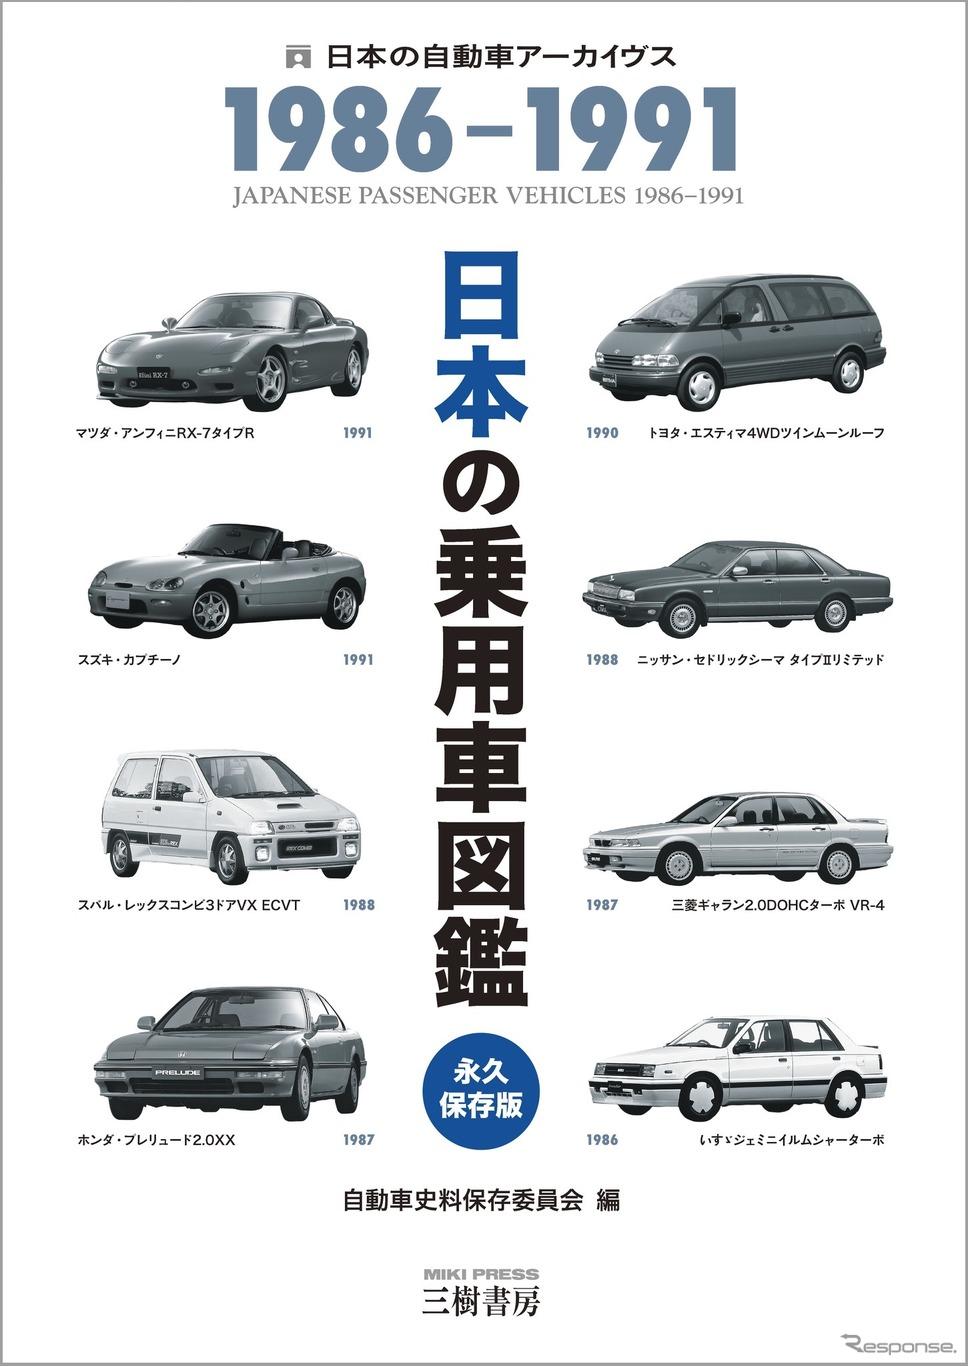 日本の乗用車図鑑 1986-1991